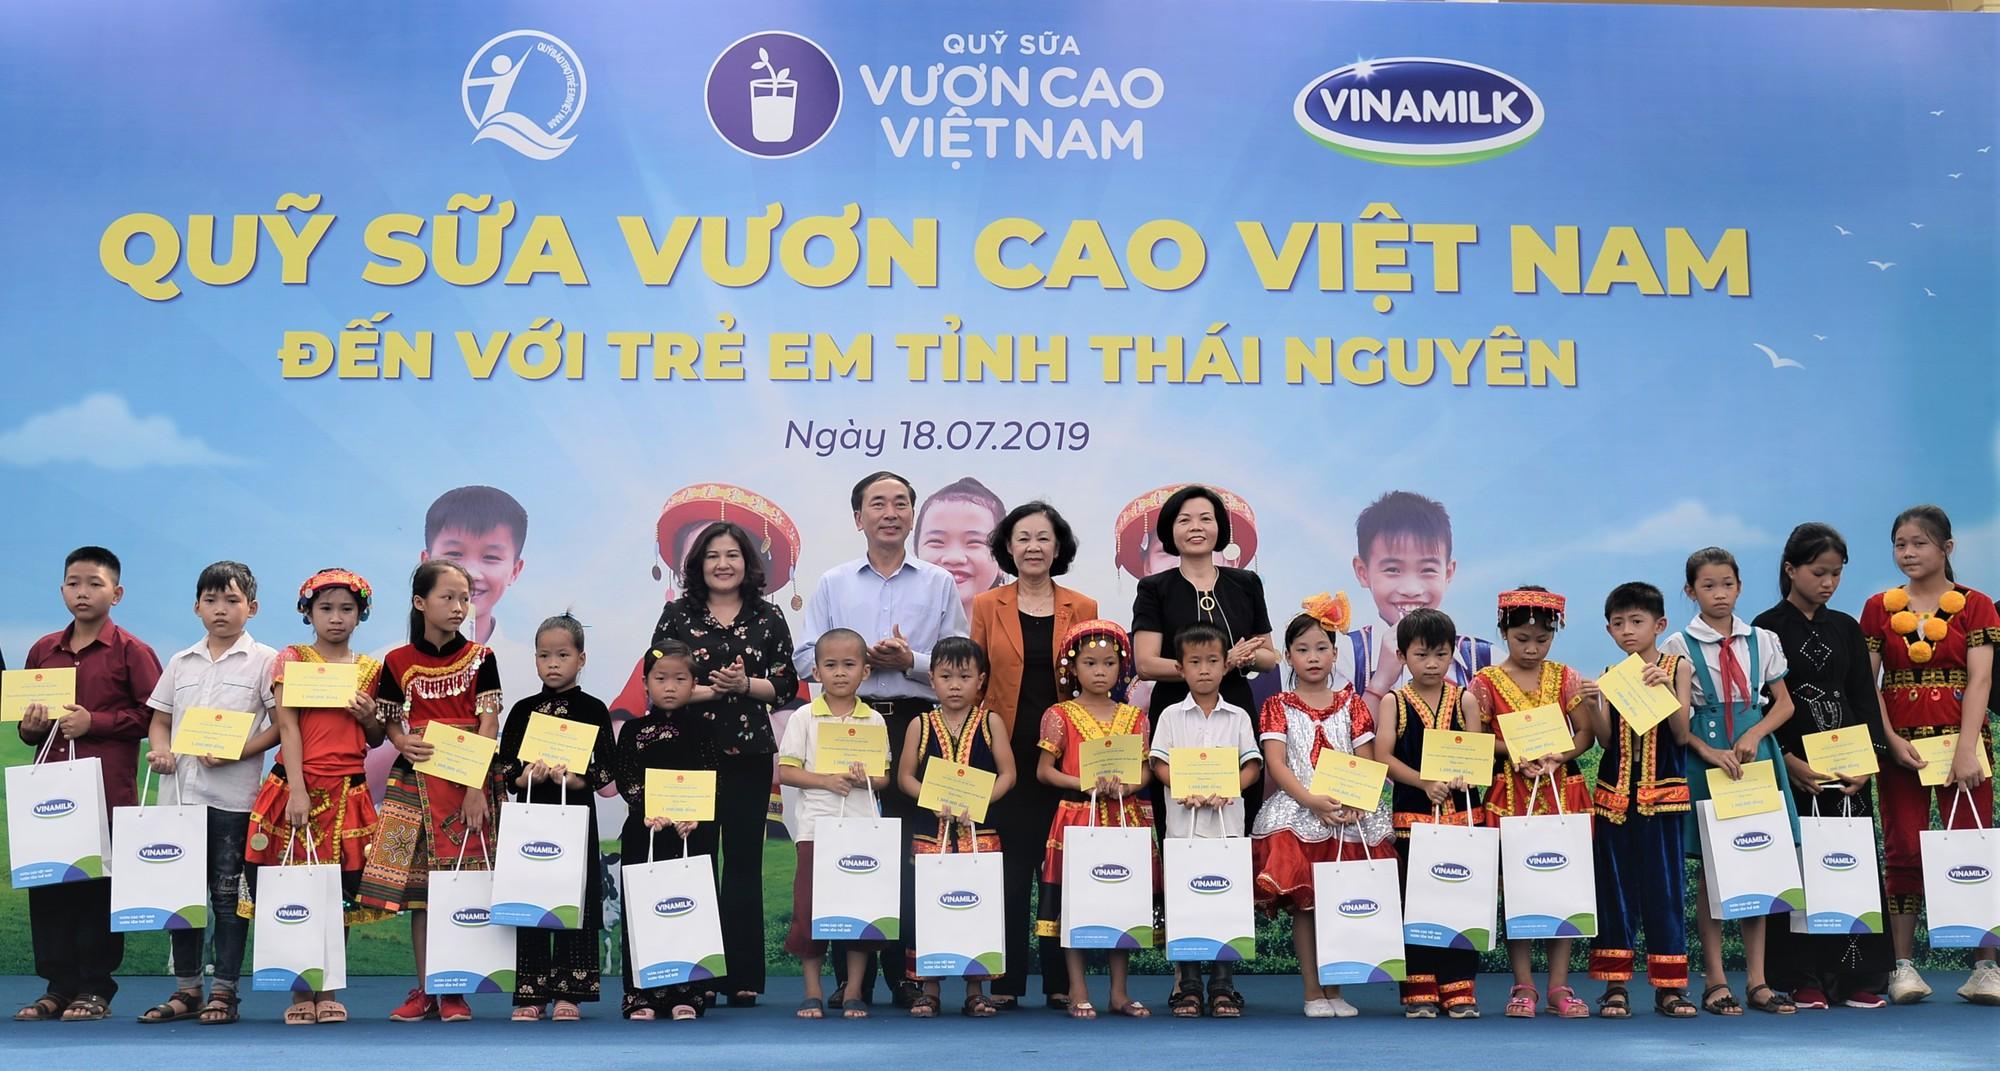 Quỹ sữa Vươn Cao Việt Nam: Để mọi trẻ em đều được uống sữa mỗi ngày - Ảnh 1.